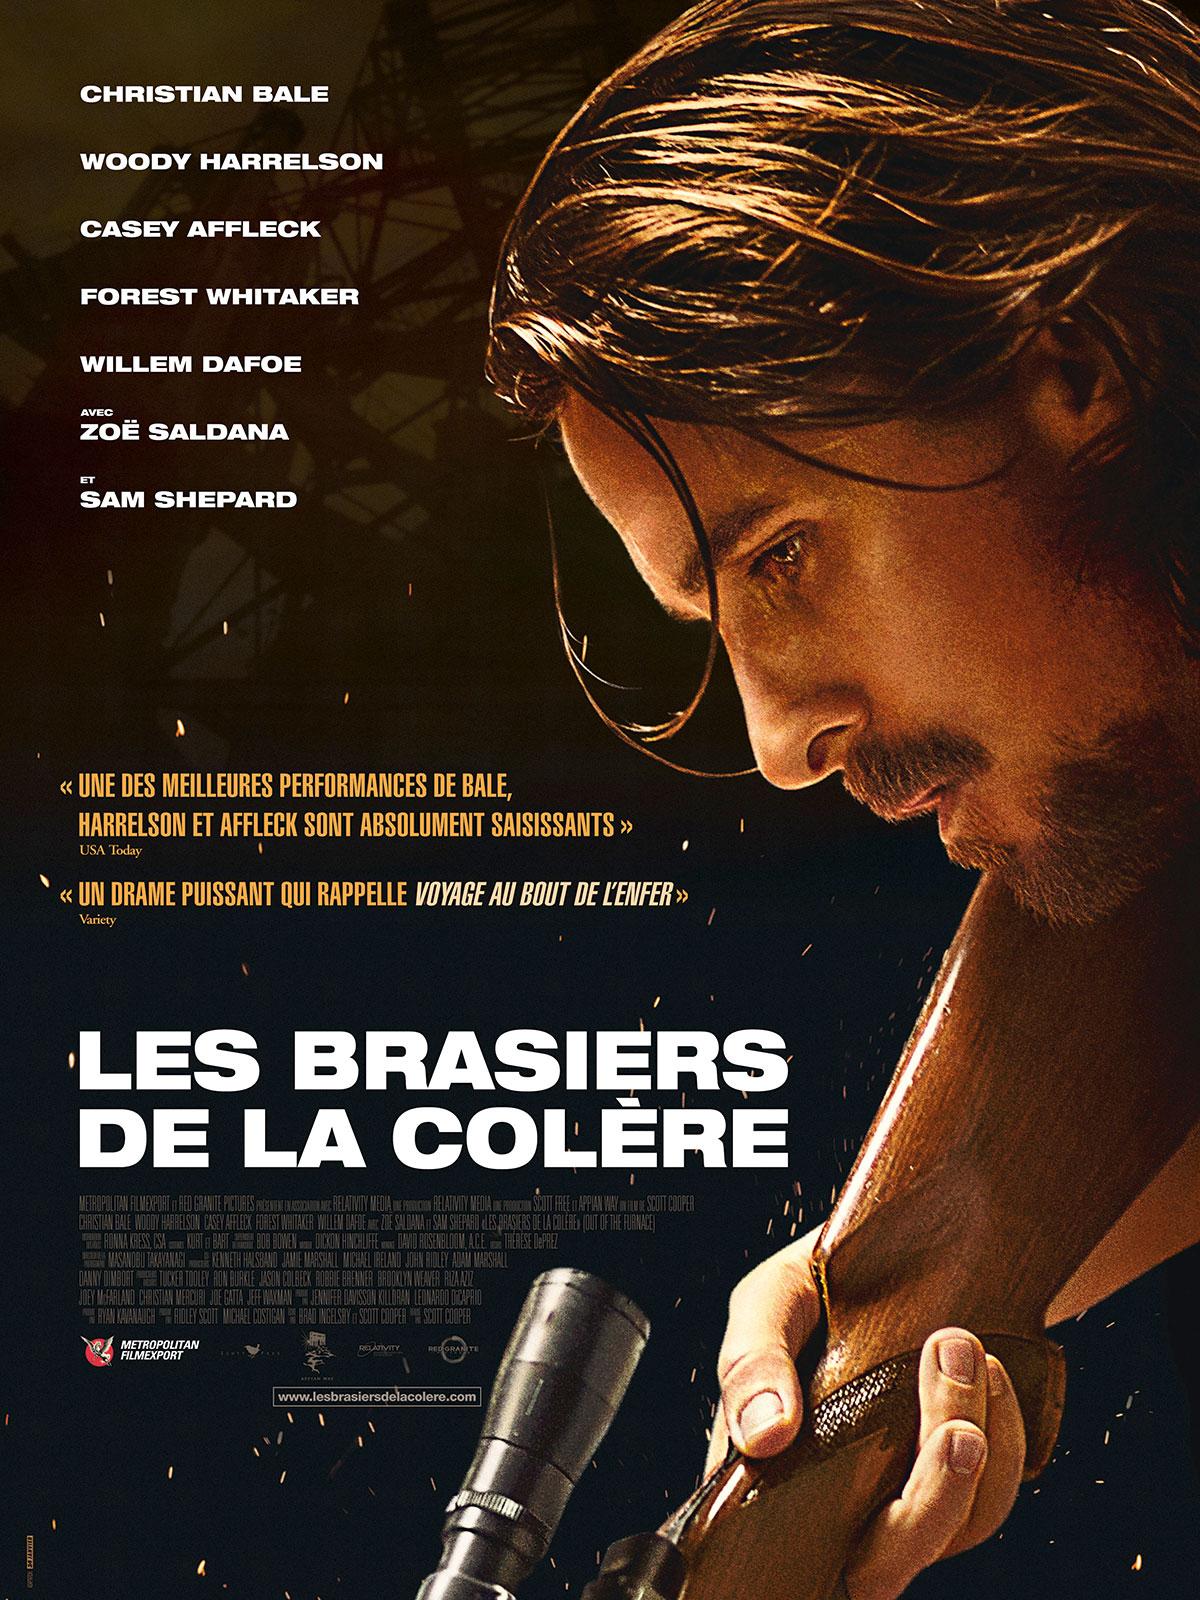 Les Brasiers de la Colère [DVDSCR-VOSTFR] dvdrip